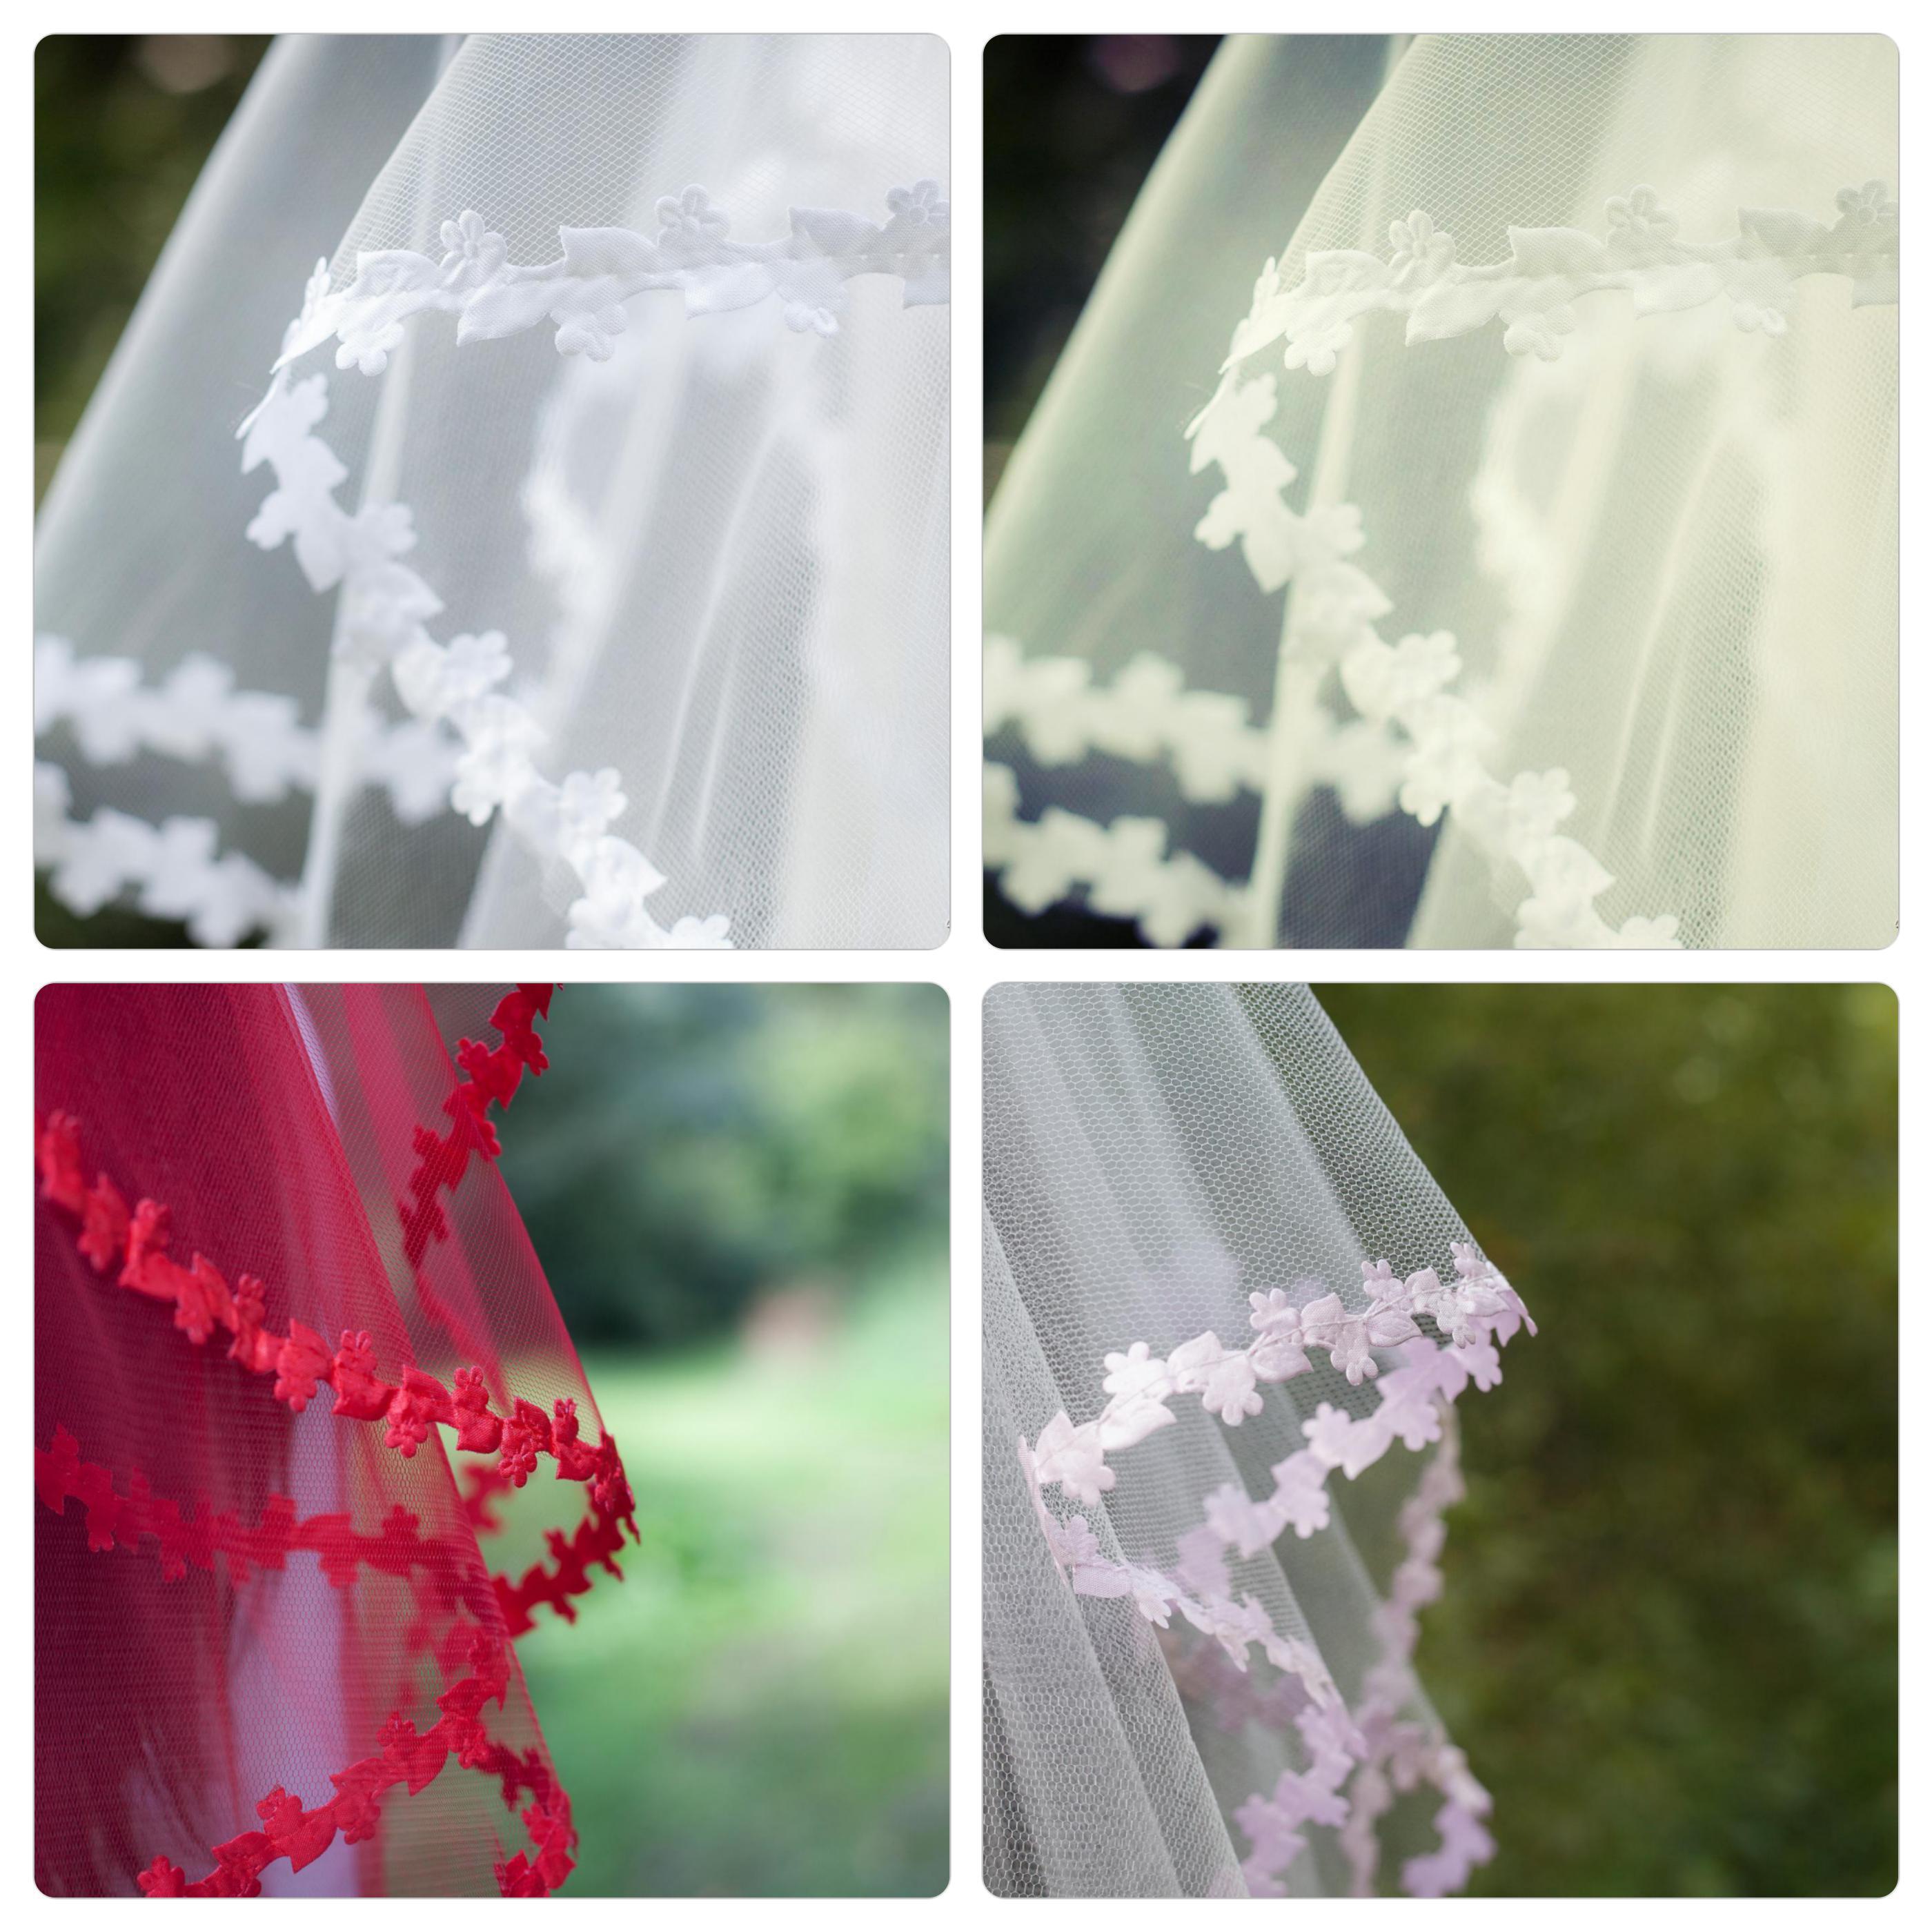 rozinis-ruzavas-veliumasnuometas-su-smulkiomis-gelemis-1_fotor_collage